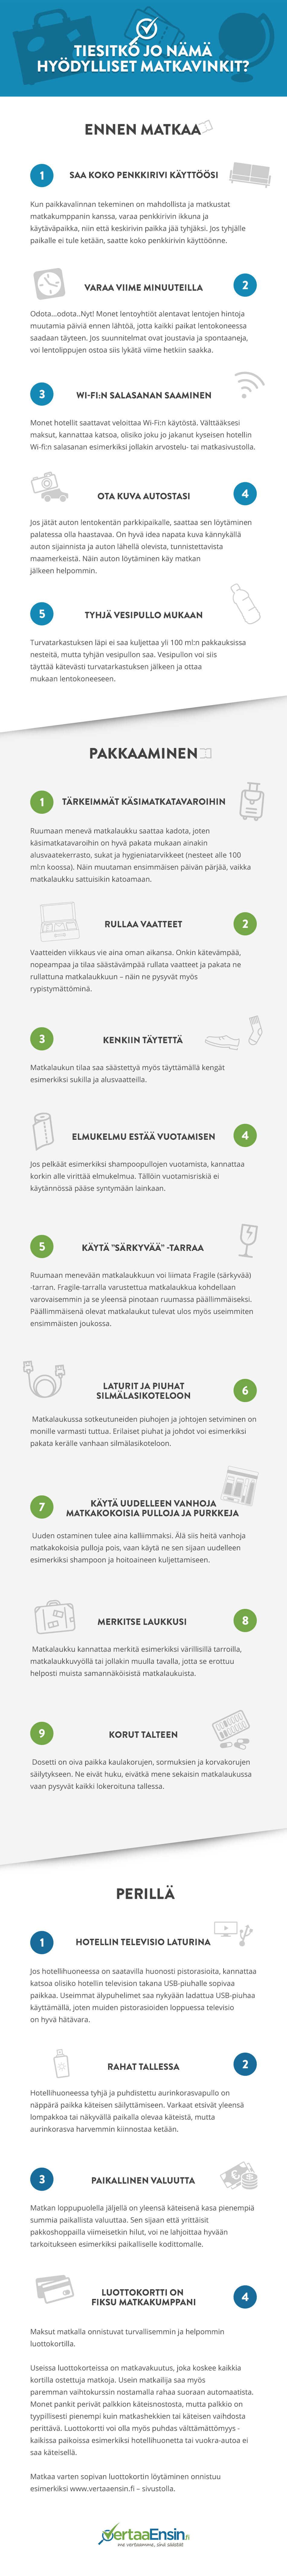 18 matkavinkkiä - www.vertaaensin.fi